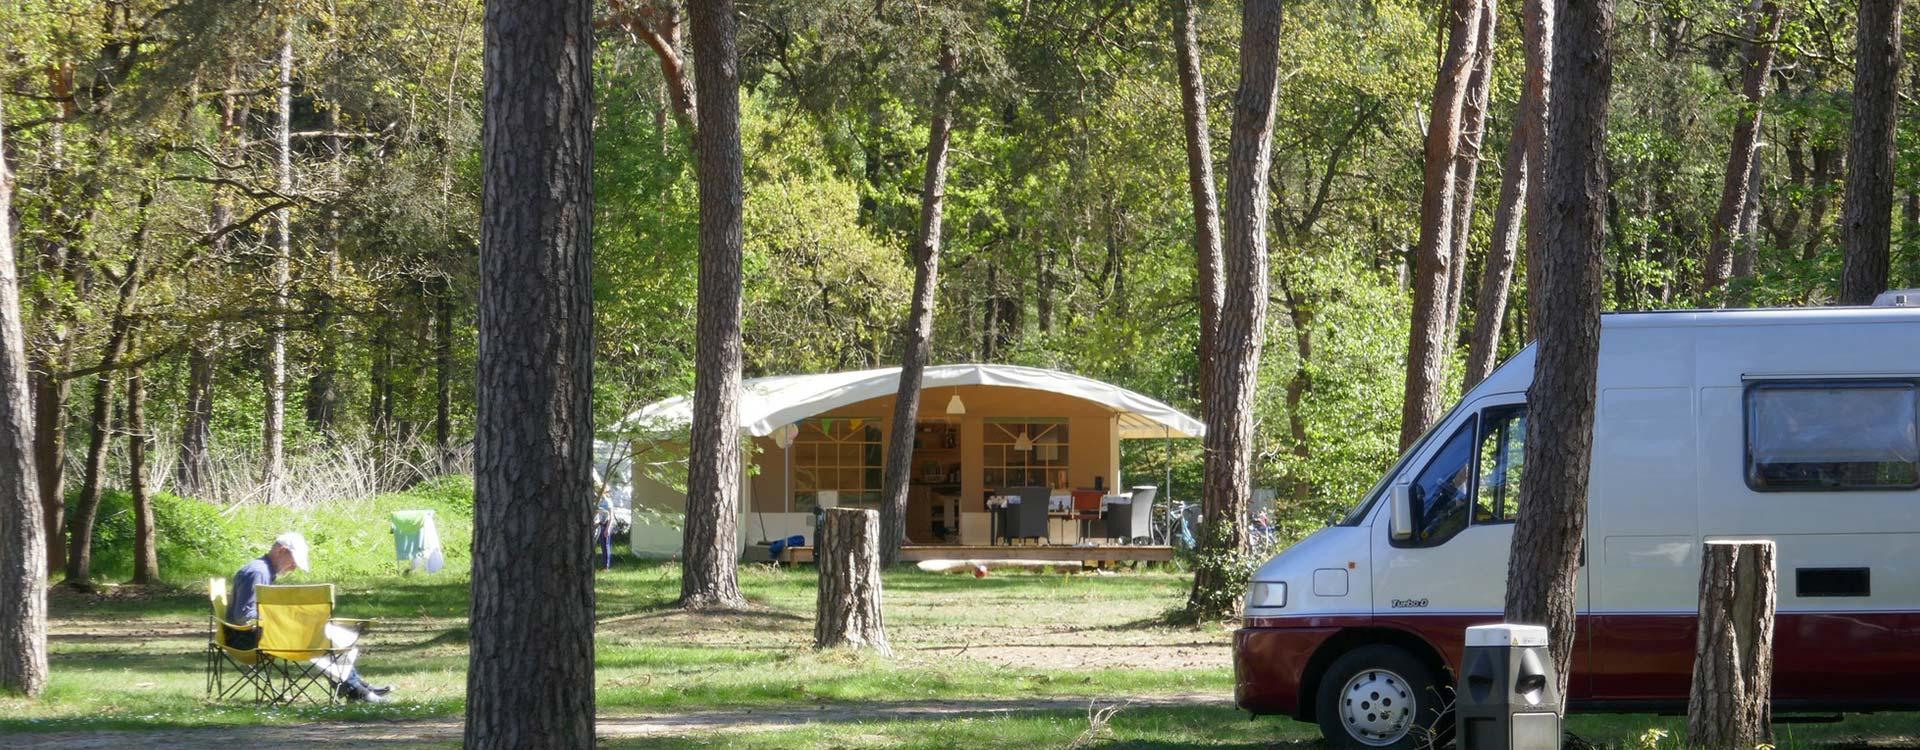 langeloerduinen-lodgetent-in-het-bos-huren